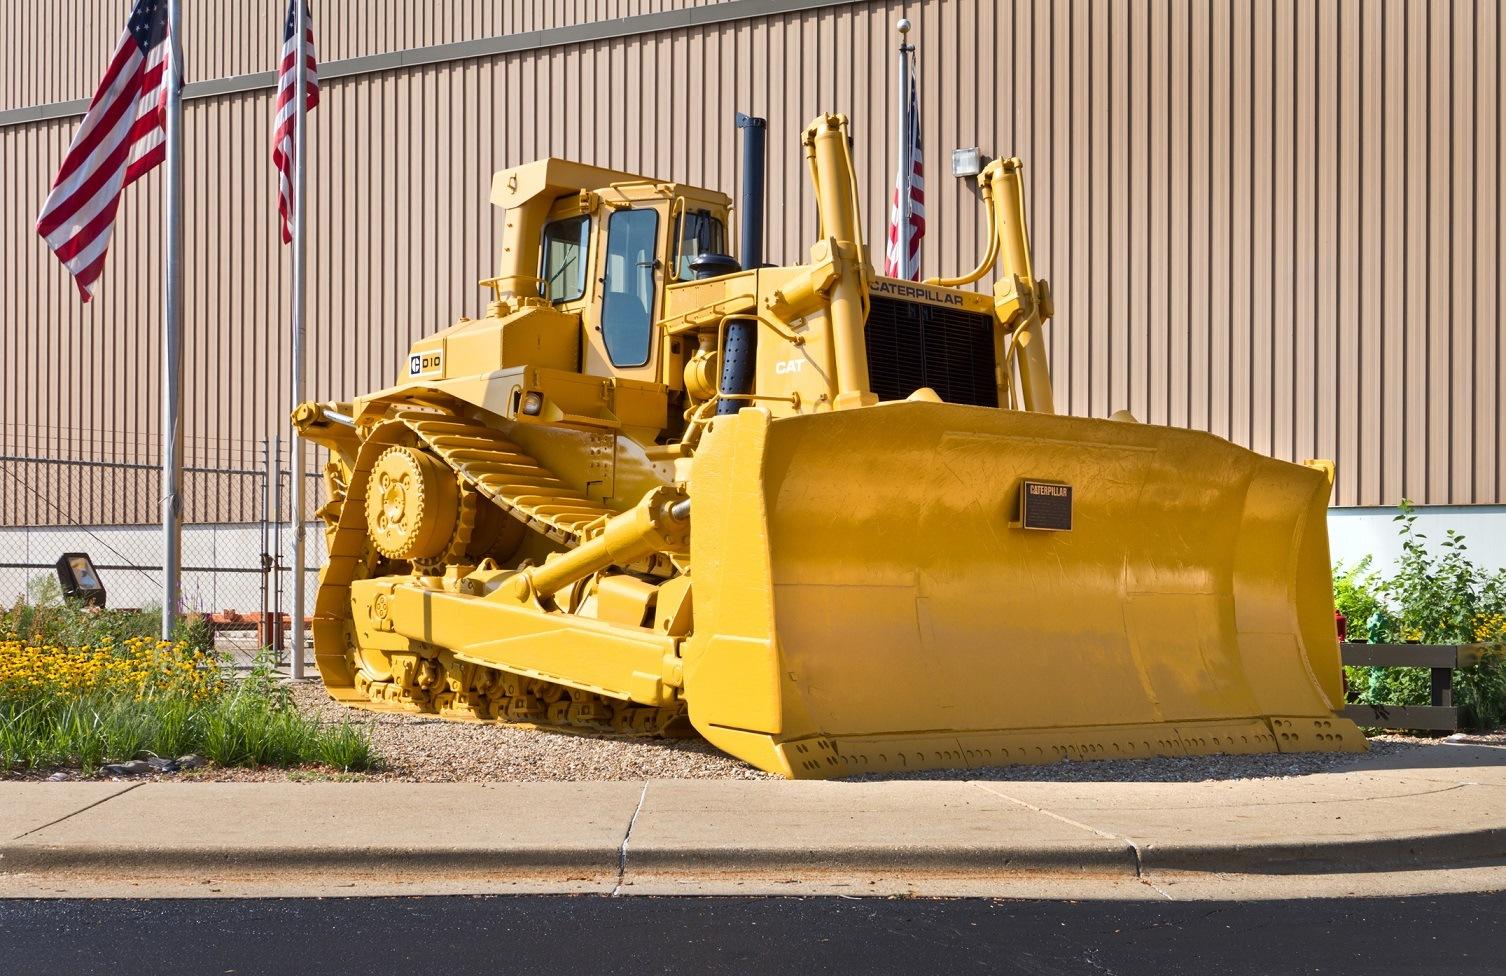 Caterpillar Inc. Peoria IL